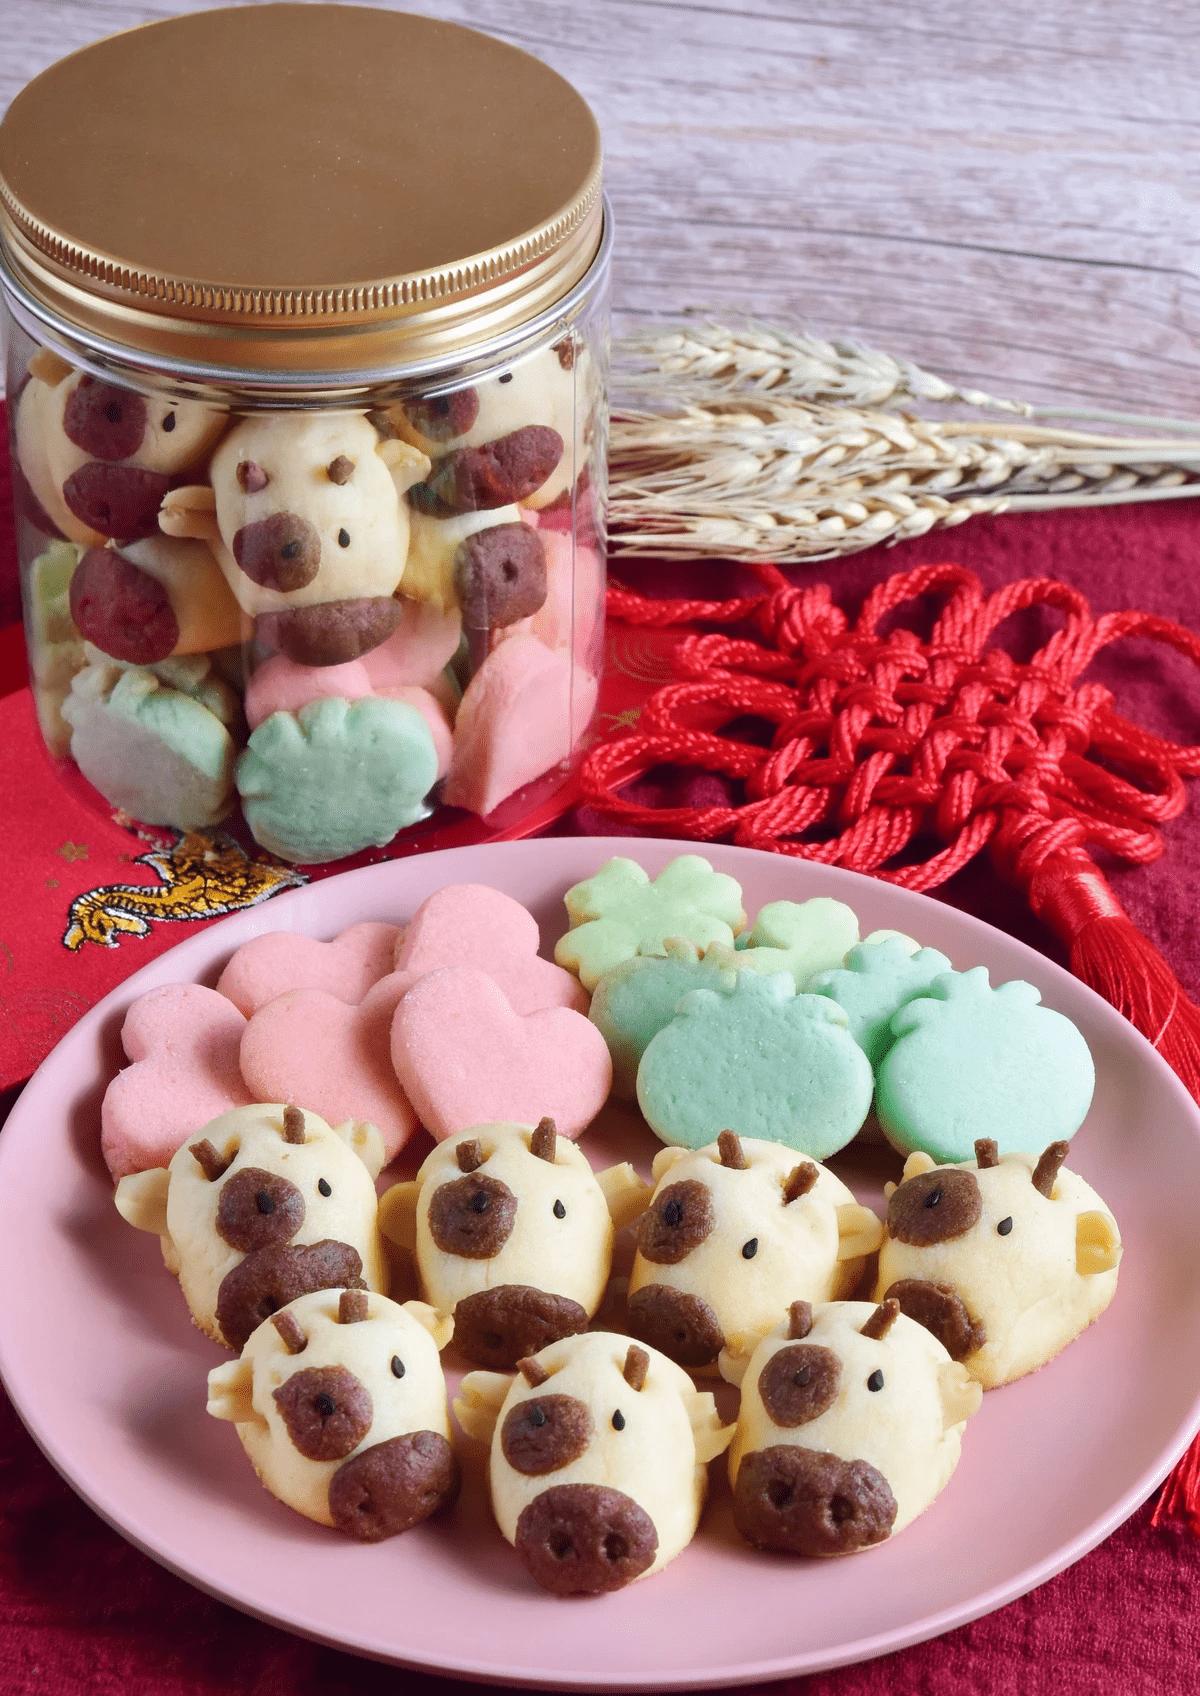 Ah Mah Moo Moo Cookies - unique cny goodies